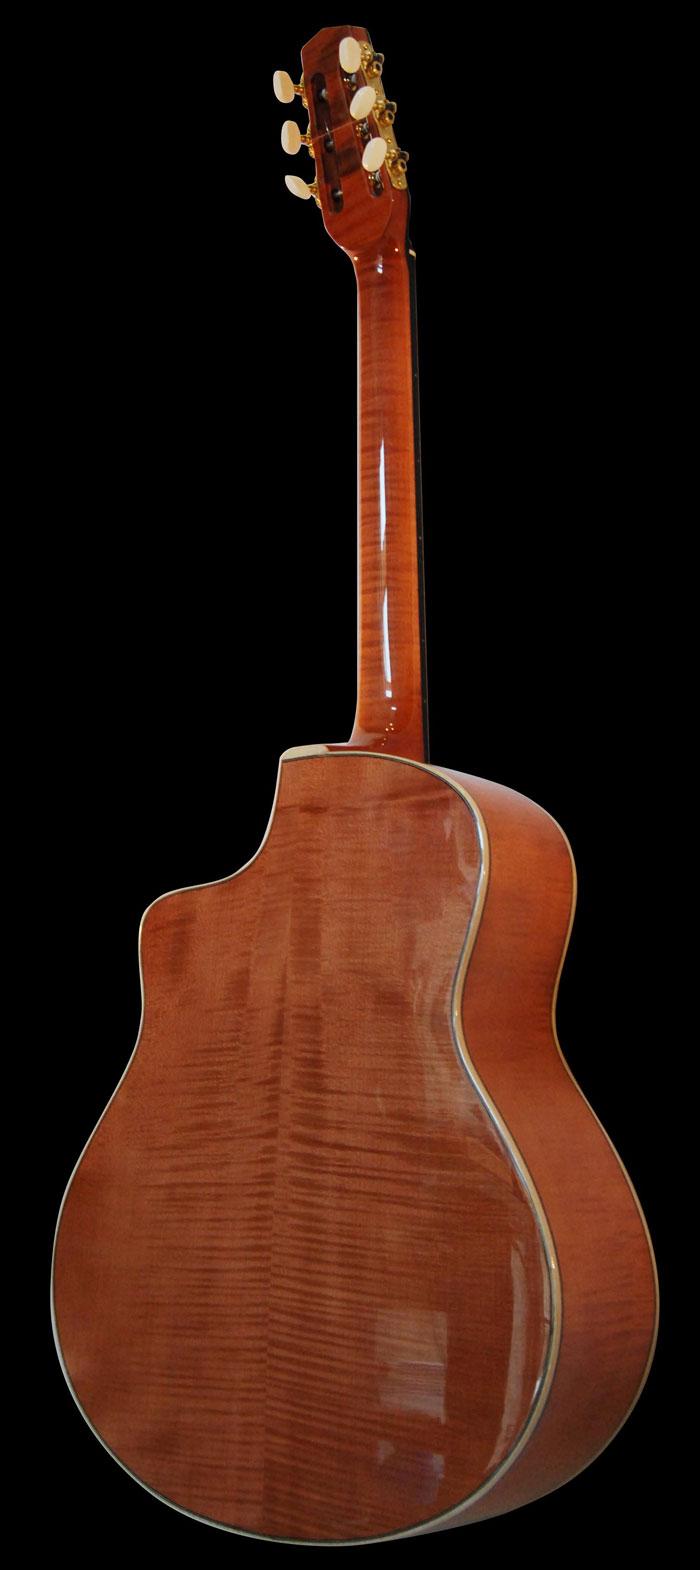 acheter une guitare Type Selmer - Manouche Mélusine grande bouche Guitares La Fée dans la boutique de laguitare.com